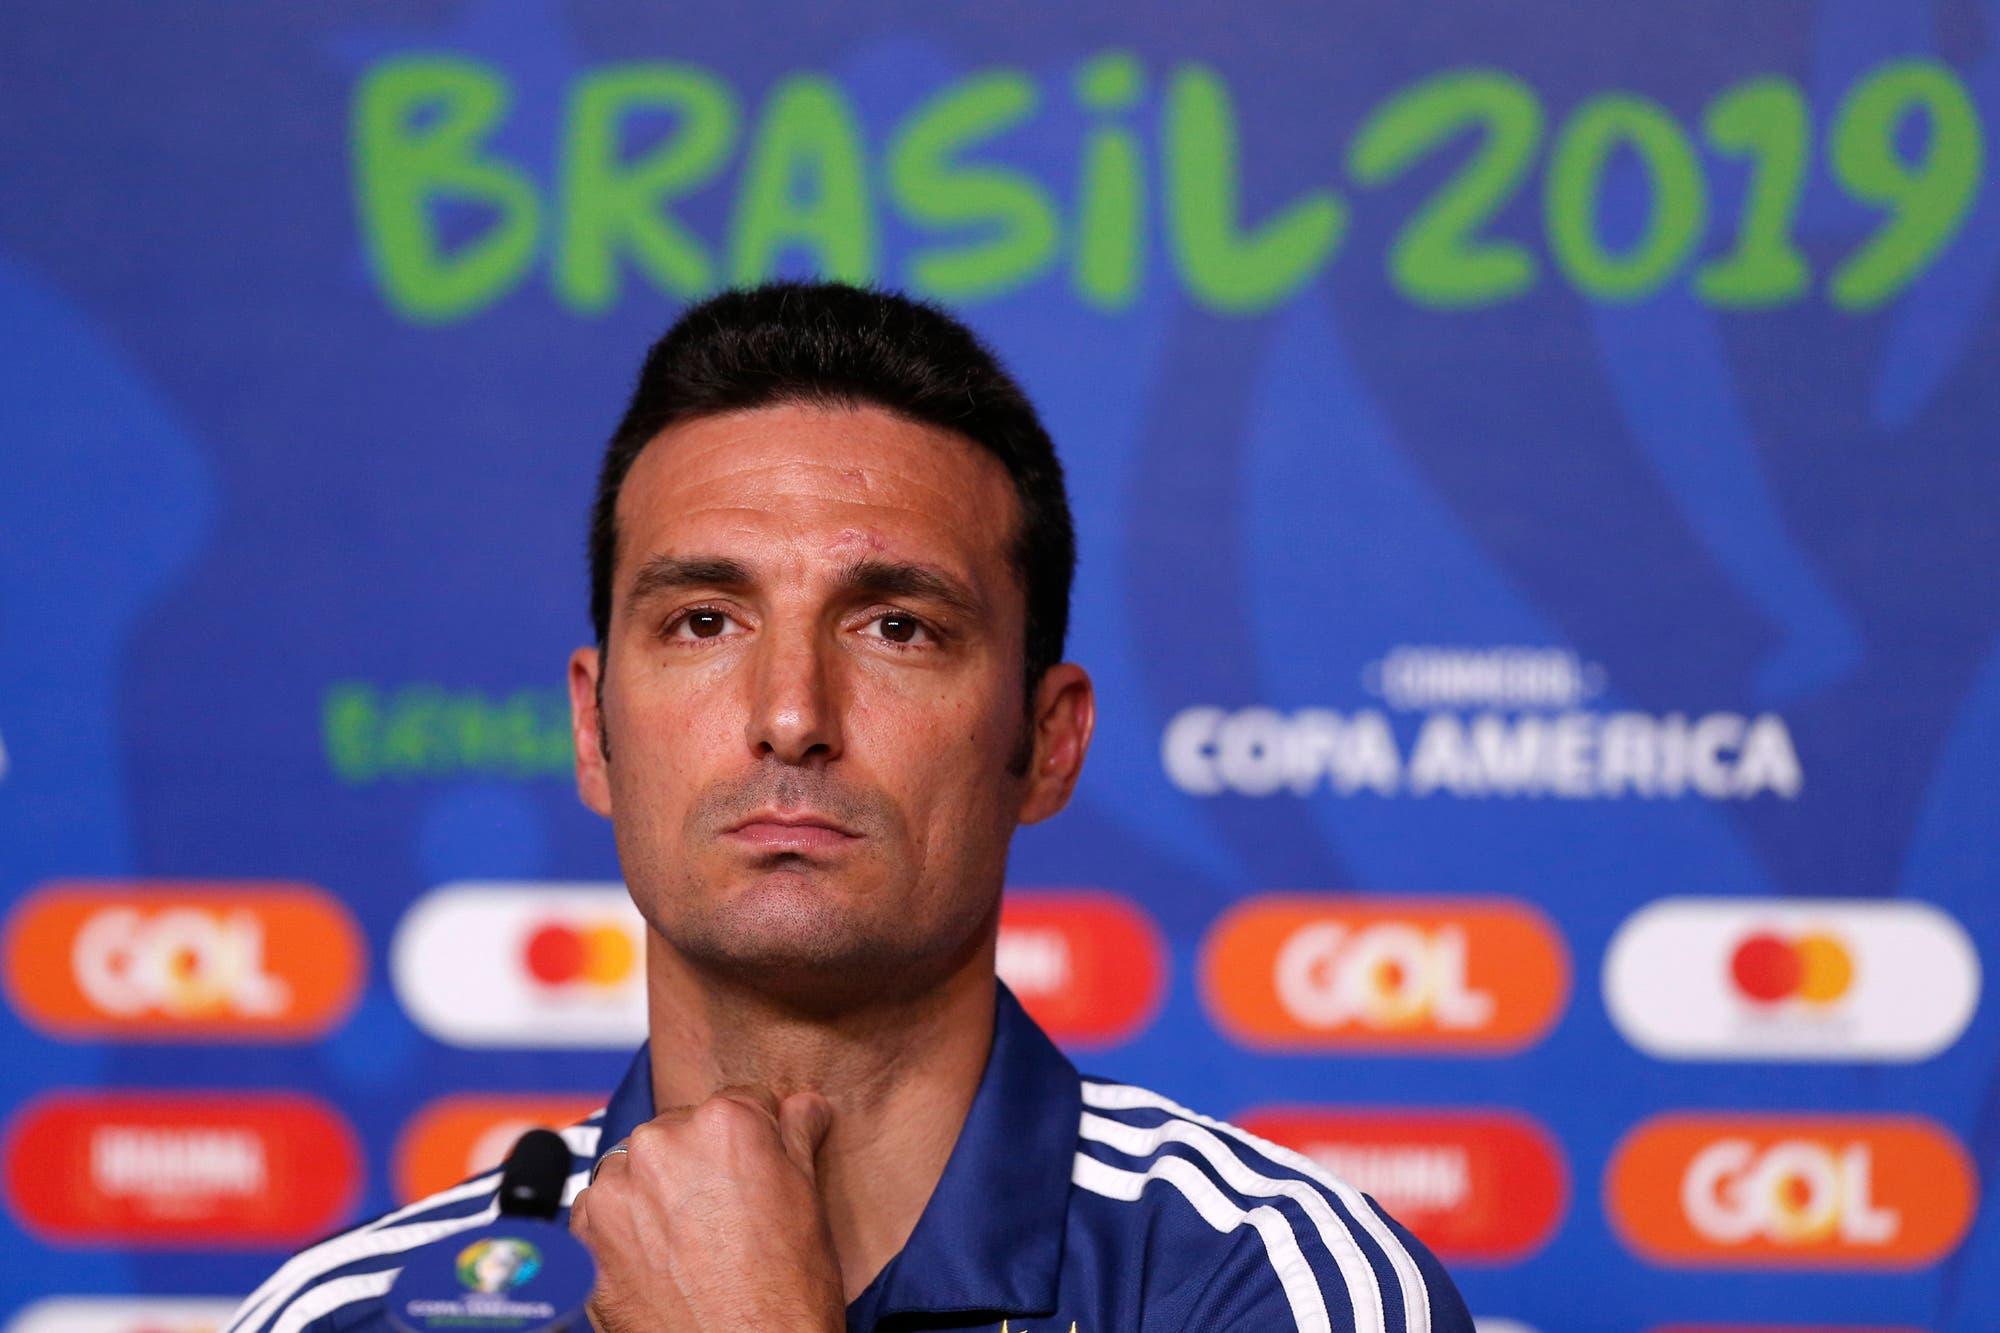 """Scaloni habló sobre Menotti y el rival: """"Qatar es difícil y juega bien al fútbol"""""""